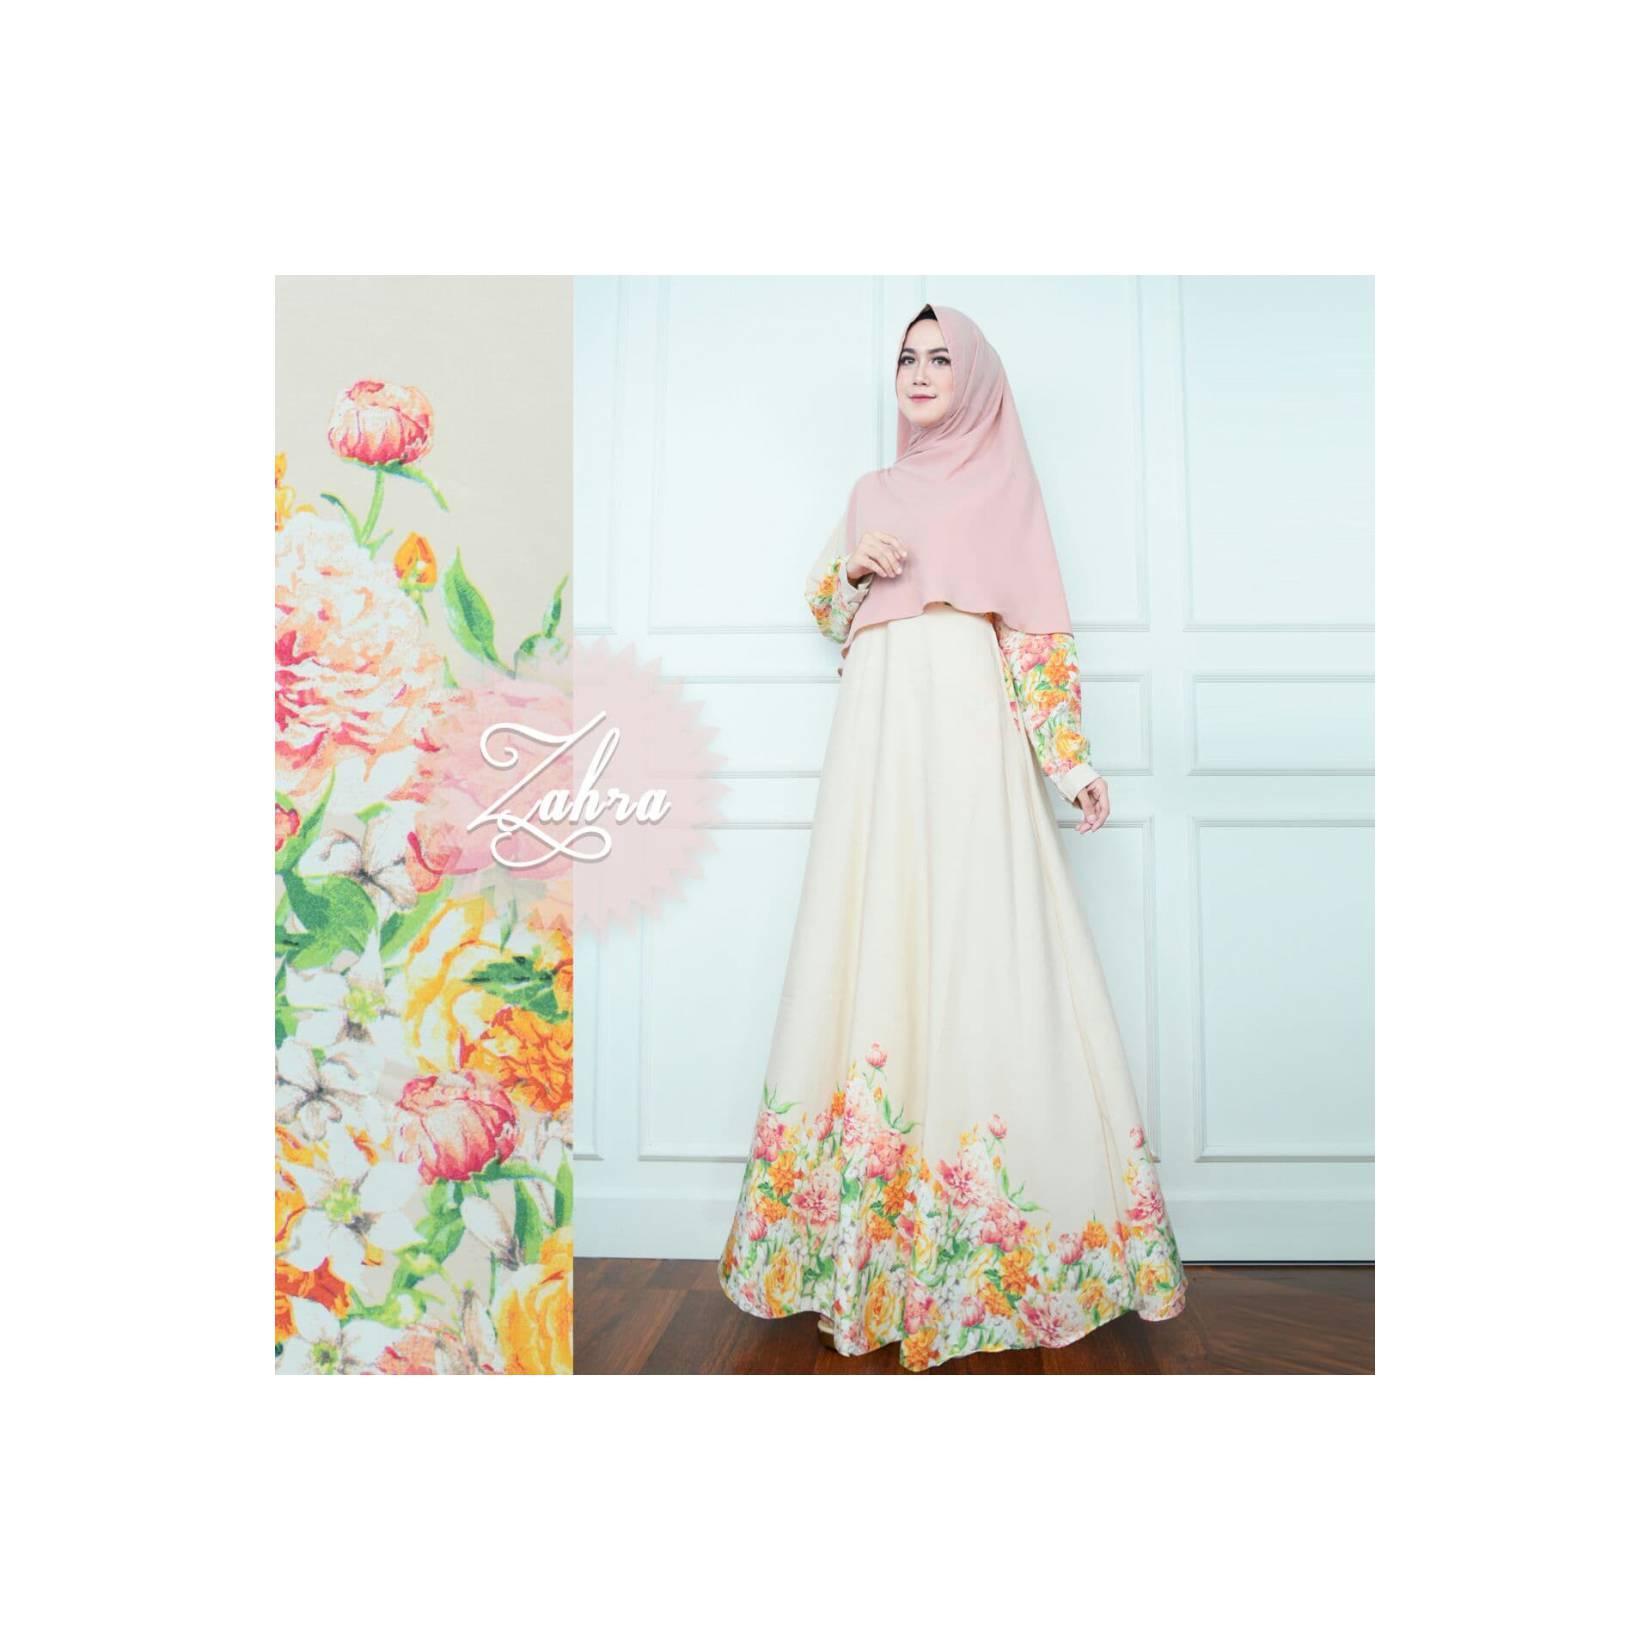 CREAM Gamis Set Monalisa Bunga Tulip Zahra Syari Baju Busana Muslimah